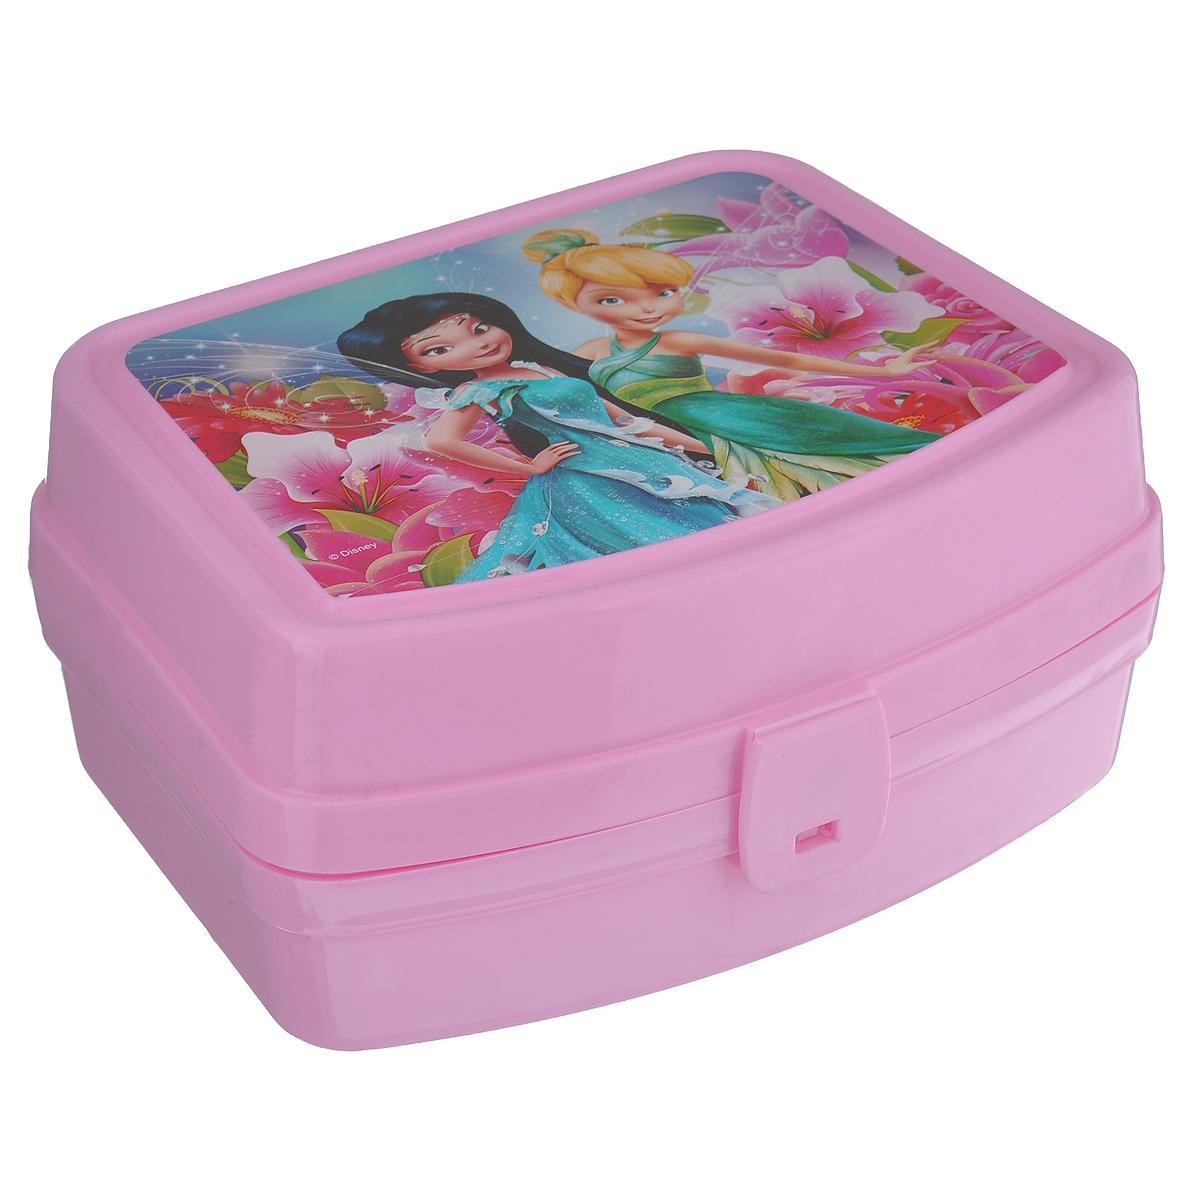 Контейнер Альтернатива Феи, цвет: розовый, 17 см х 14 см х 8 смМ3604Контейнер Альтернатива Феи выполнен из плотного пластика и имеет удобную крышку на пластиковой защелке.Этот контейнер очень универсален. В таком контейнере удобно хранить разнообразные продукты, брать с собой на работу, учебу. Он обеспечивает герметичность и надежность хранения продуктов. Также контейнер можно использовать хранения карандашей, ручек, фломастеров. Веселый дизайн контейнера порадует вашего ребенка.